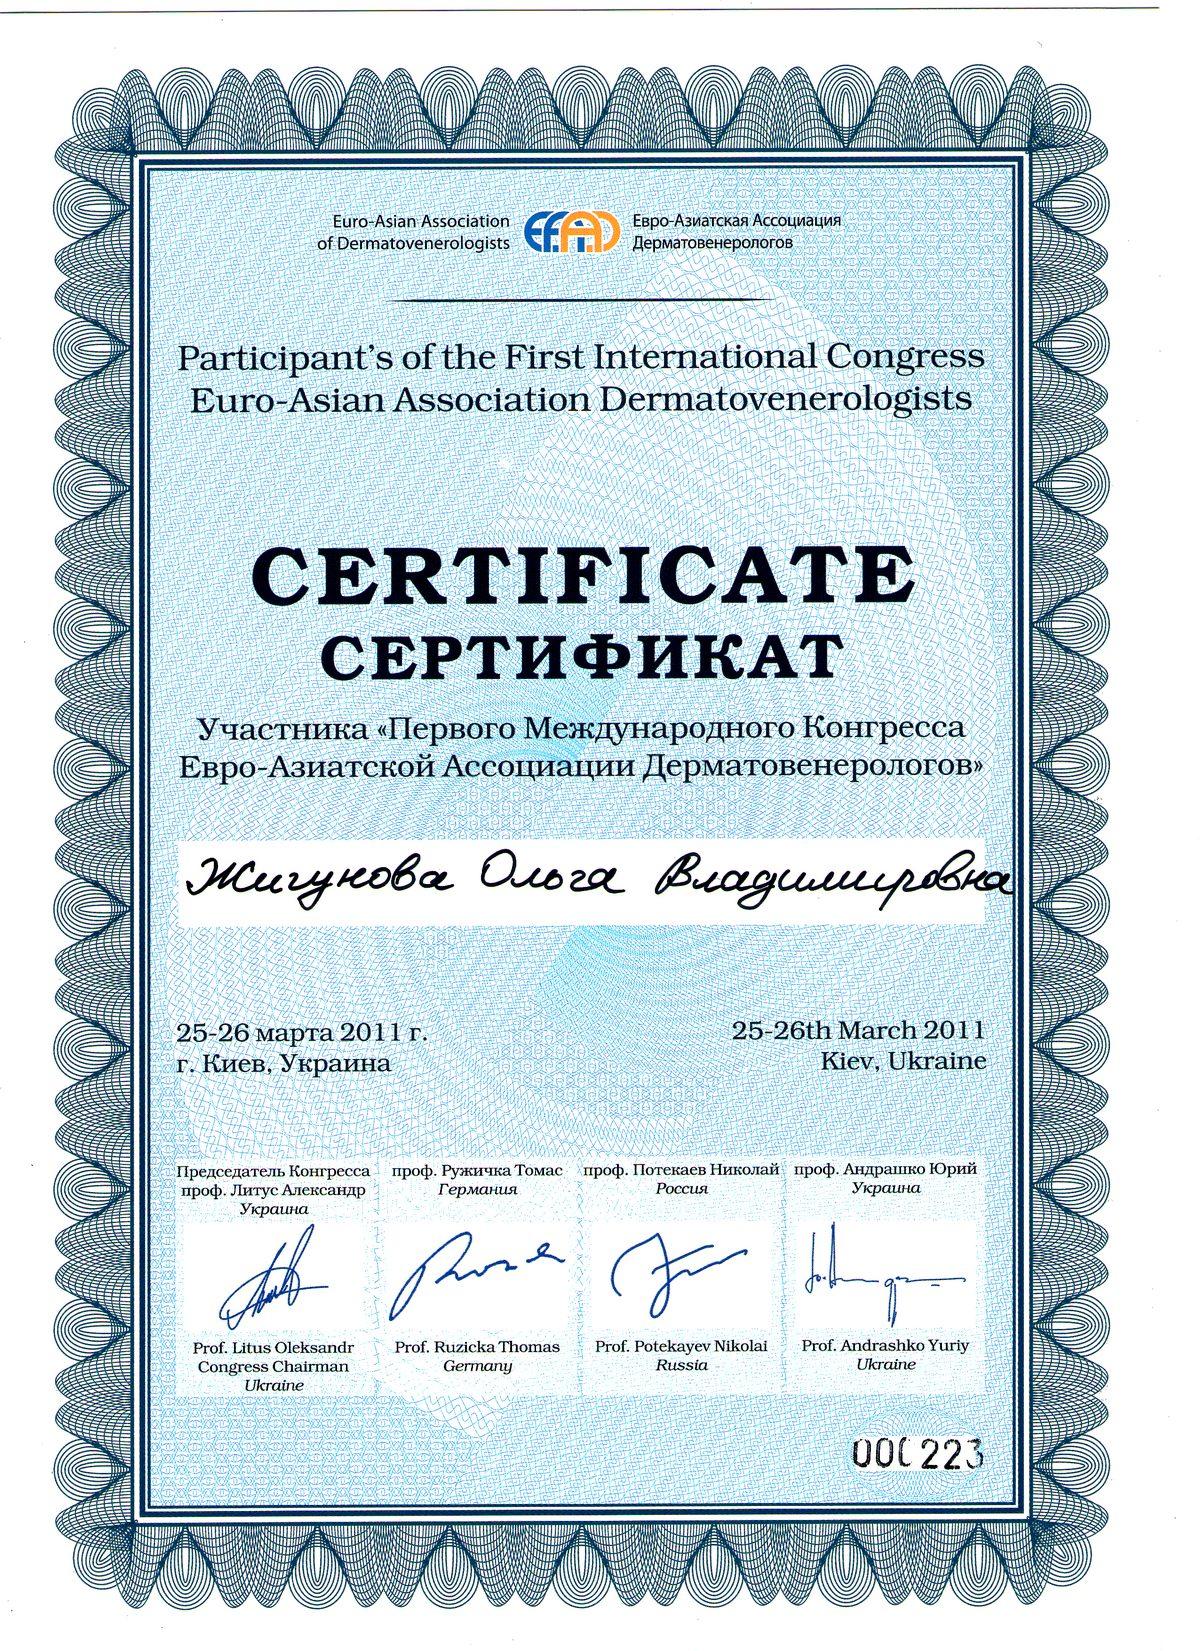 Документ №:17 Сертификат пластического хирурга Жигуновой Ольги Владимировны